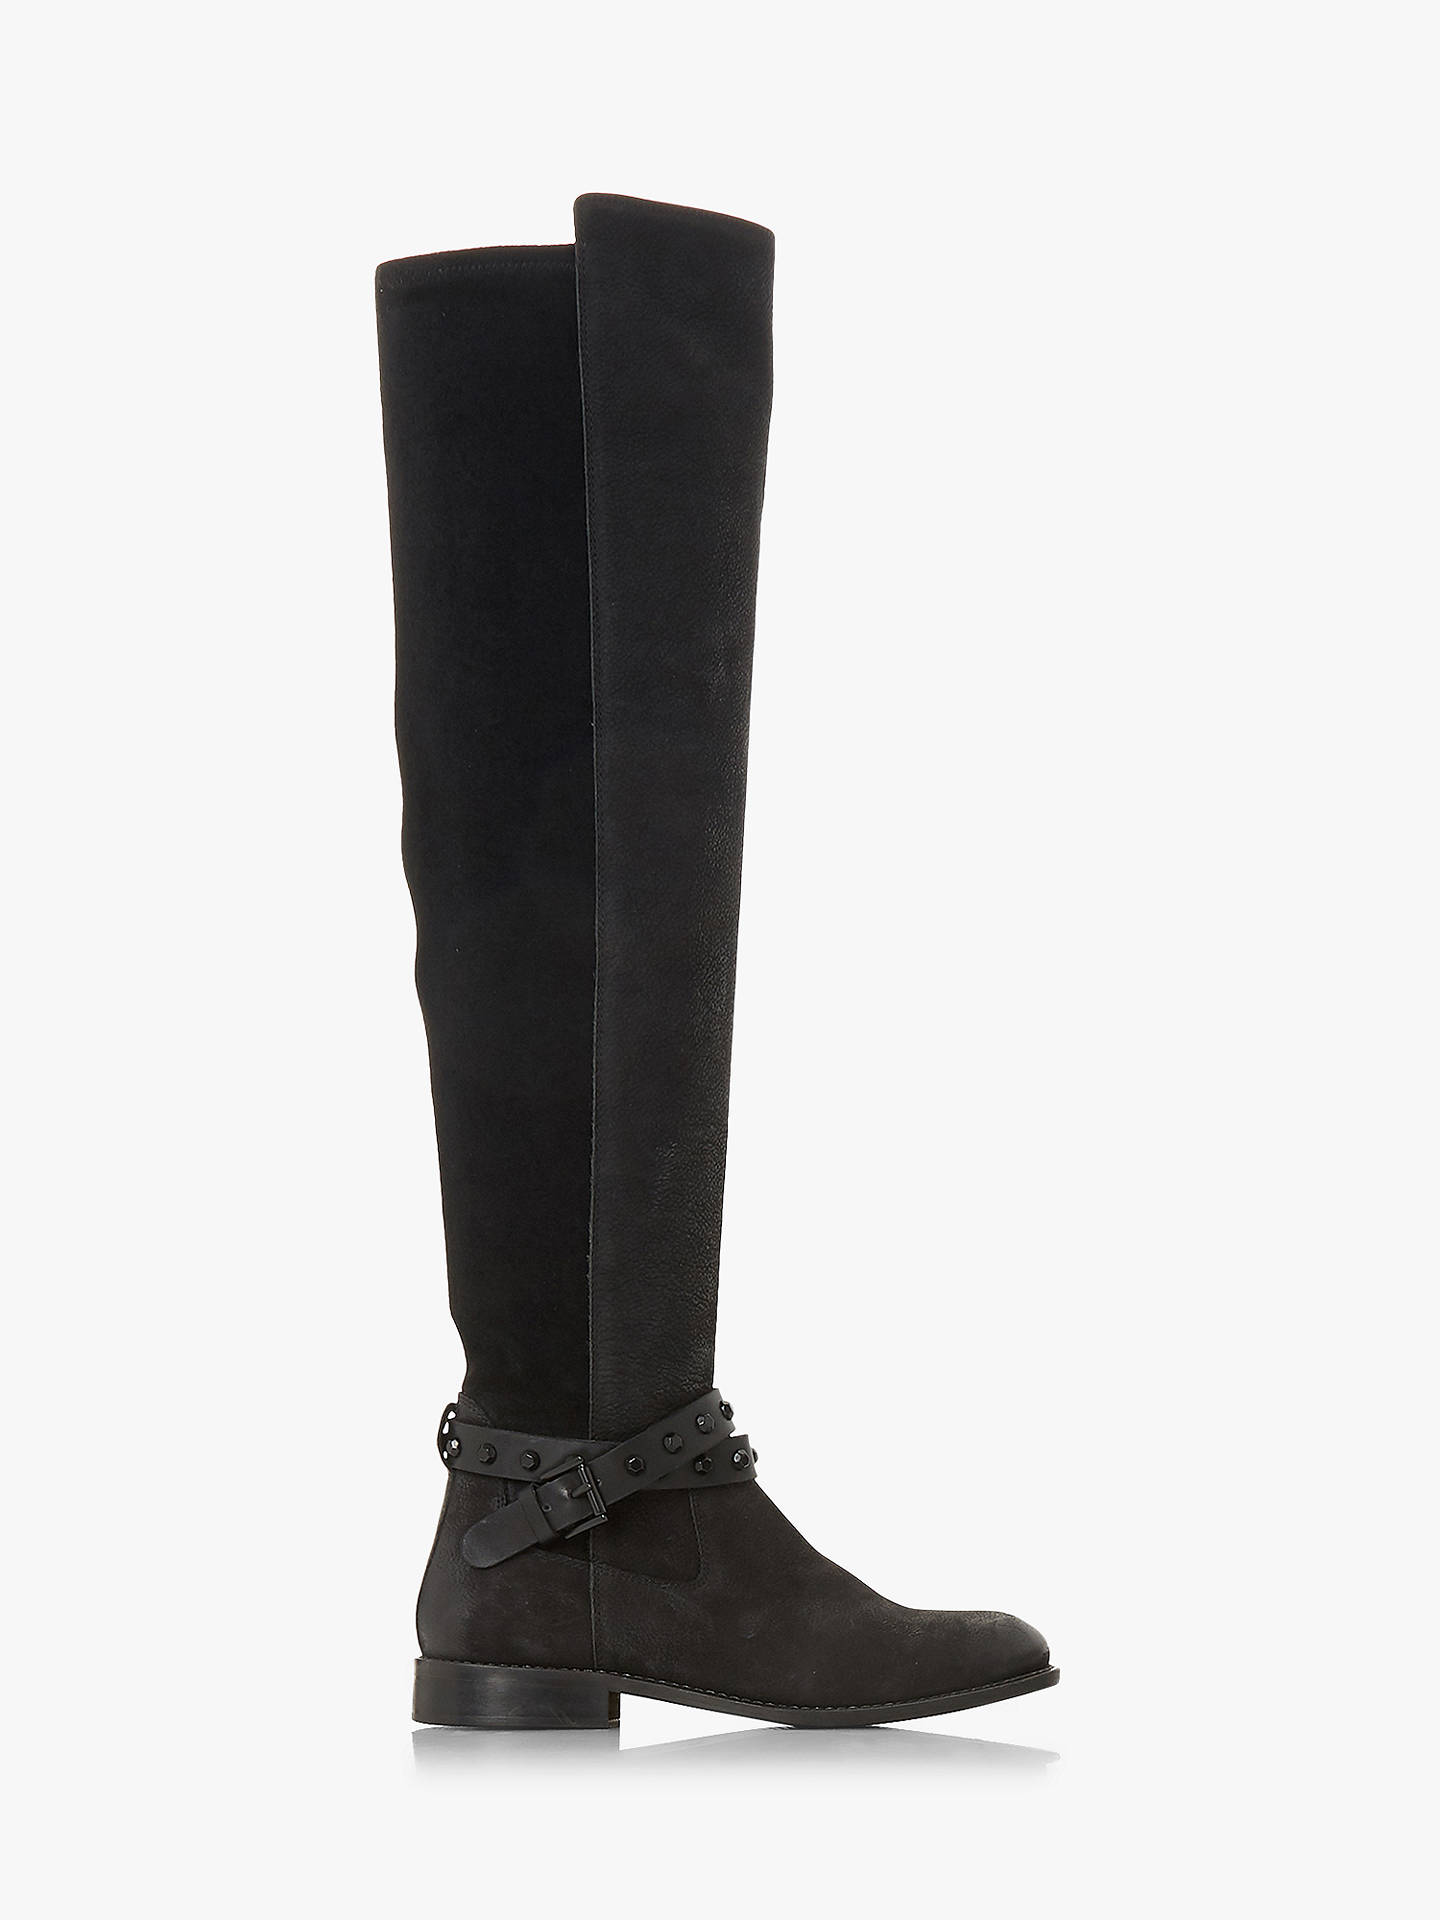 3d13e590c1c Buy Bertie Takoon Knee High Boots